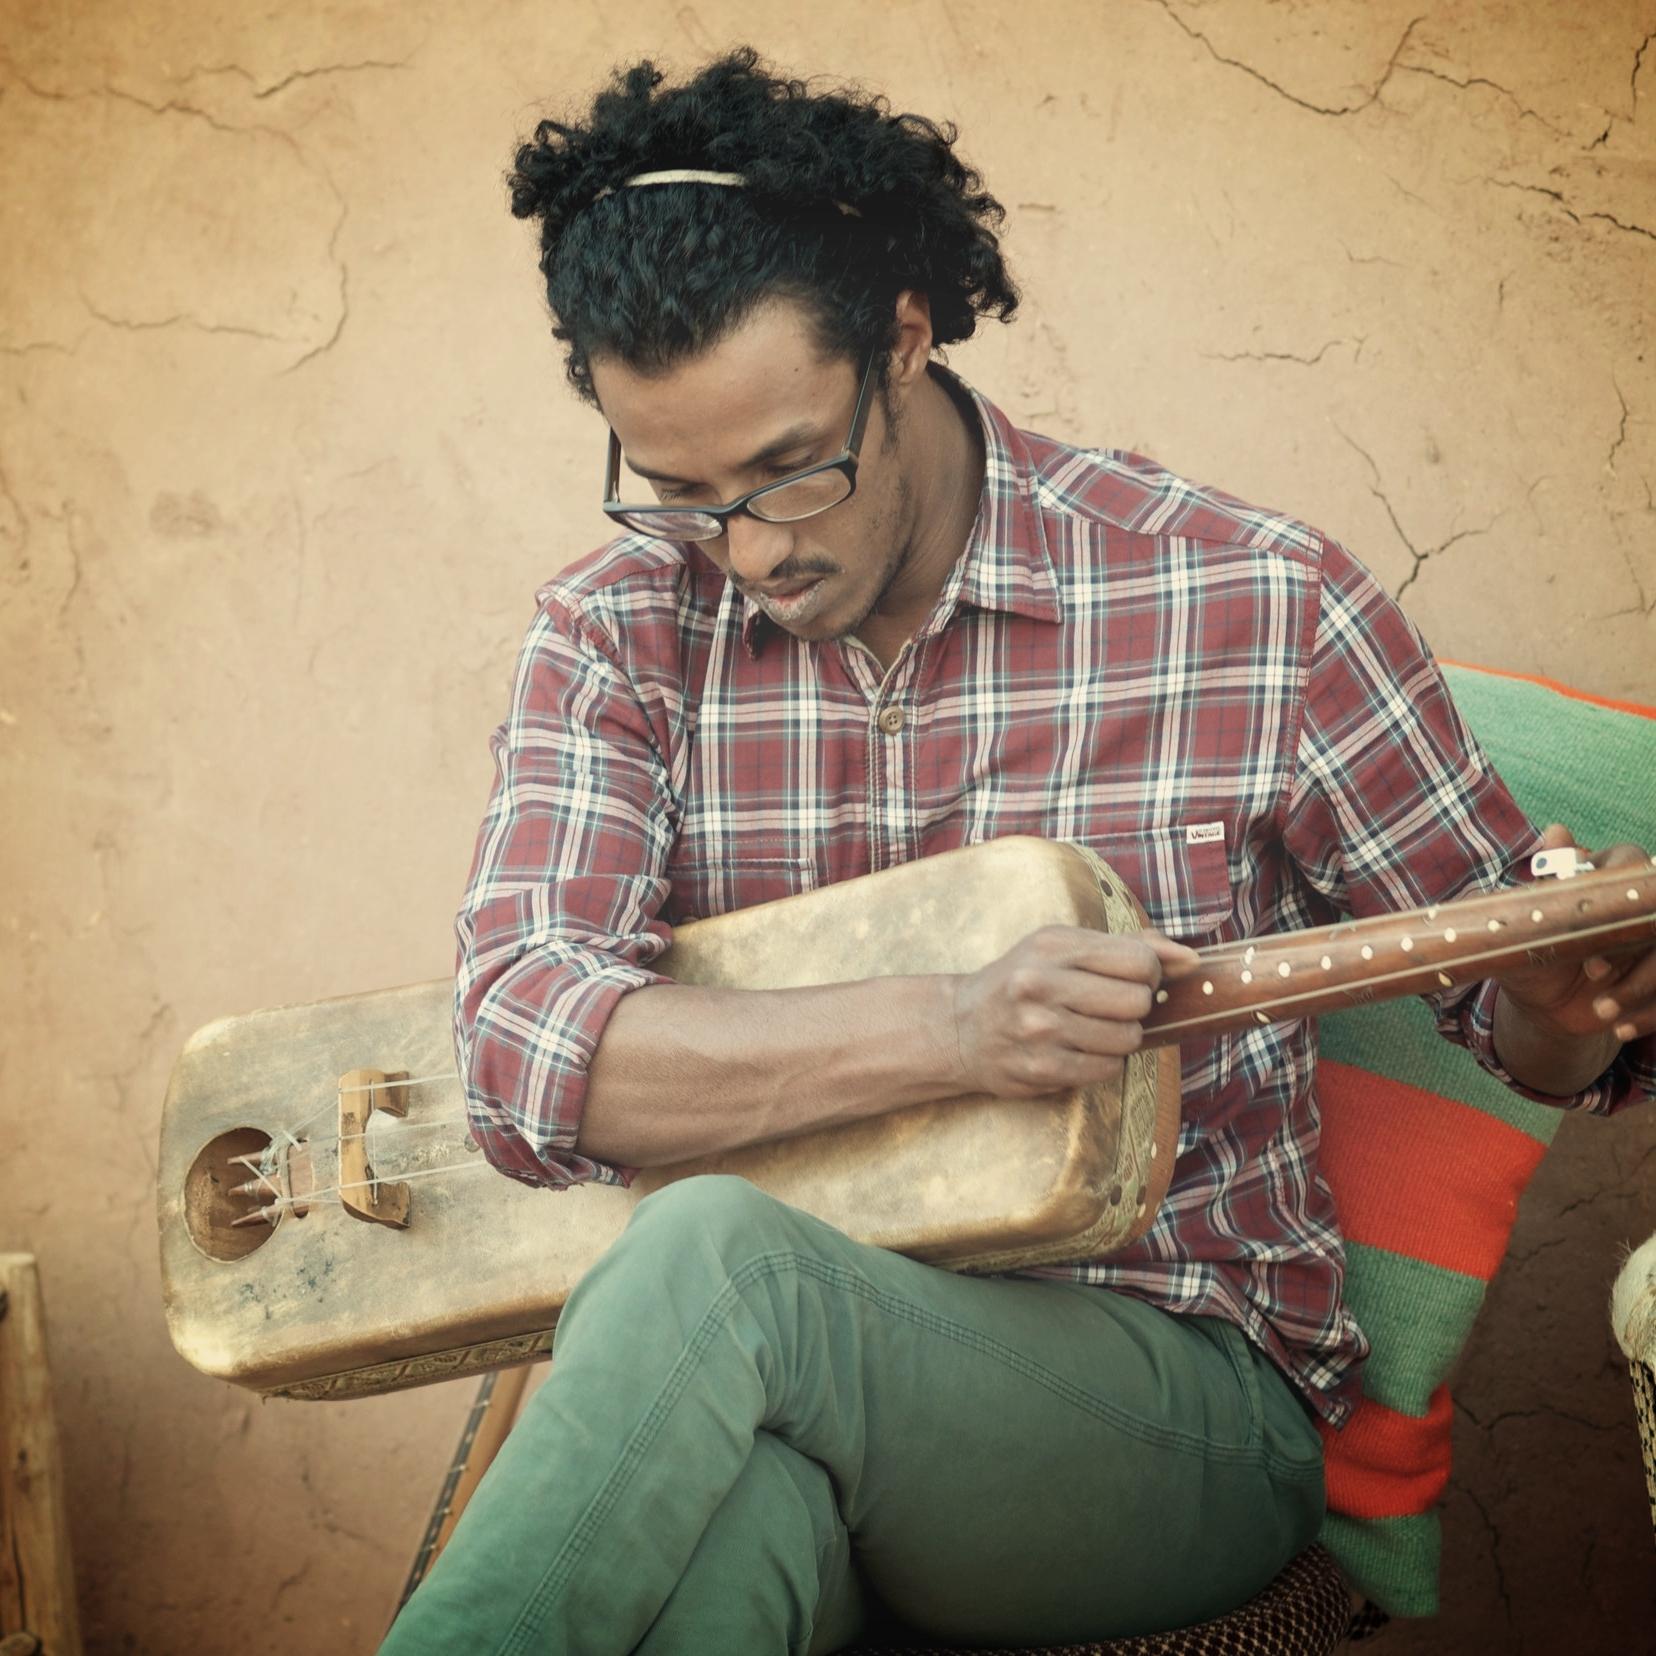 Mourad Belouadi - We called him